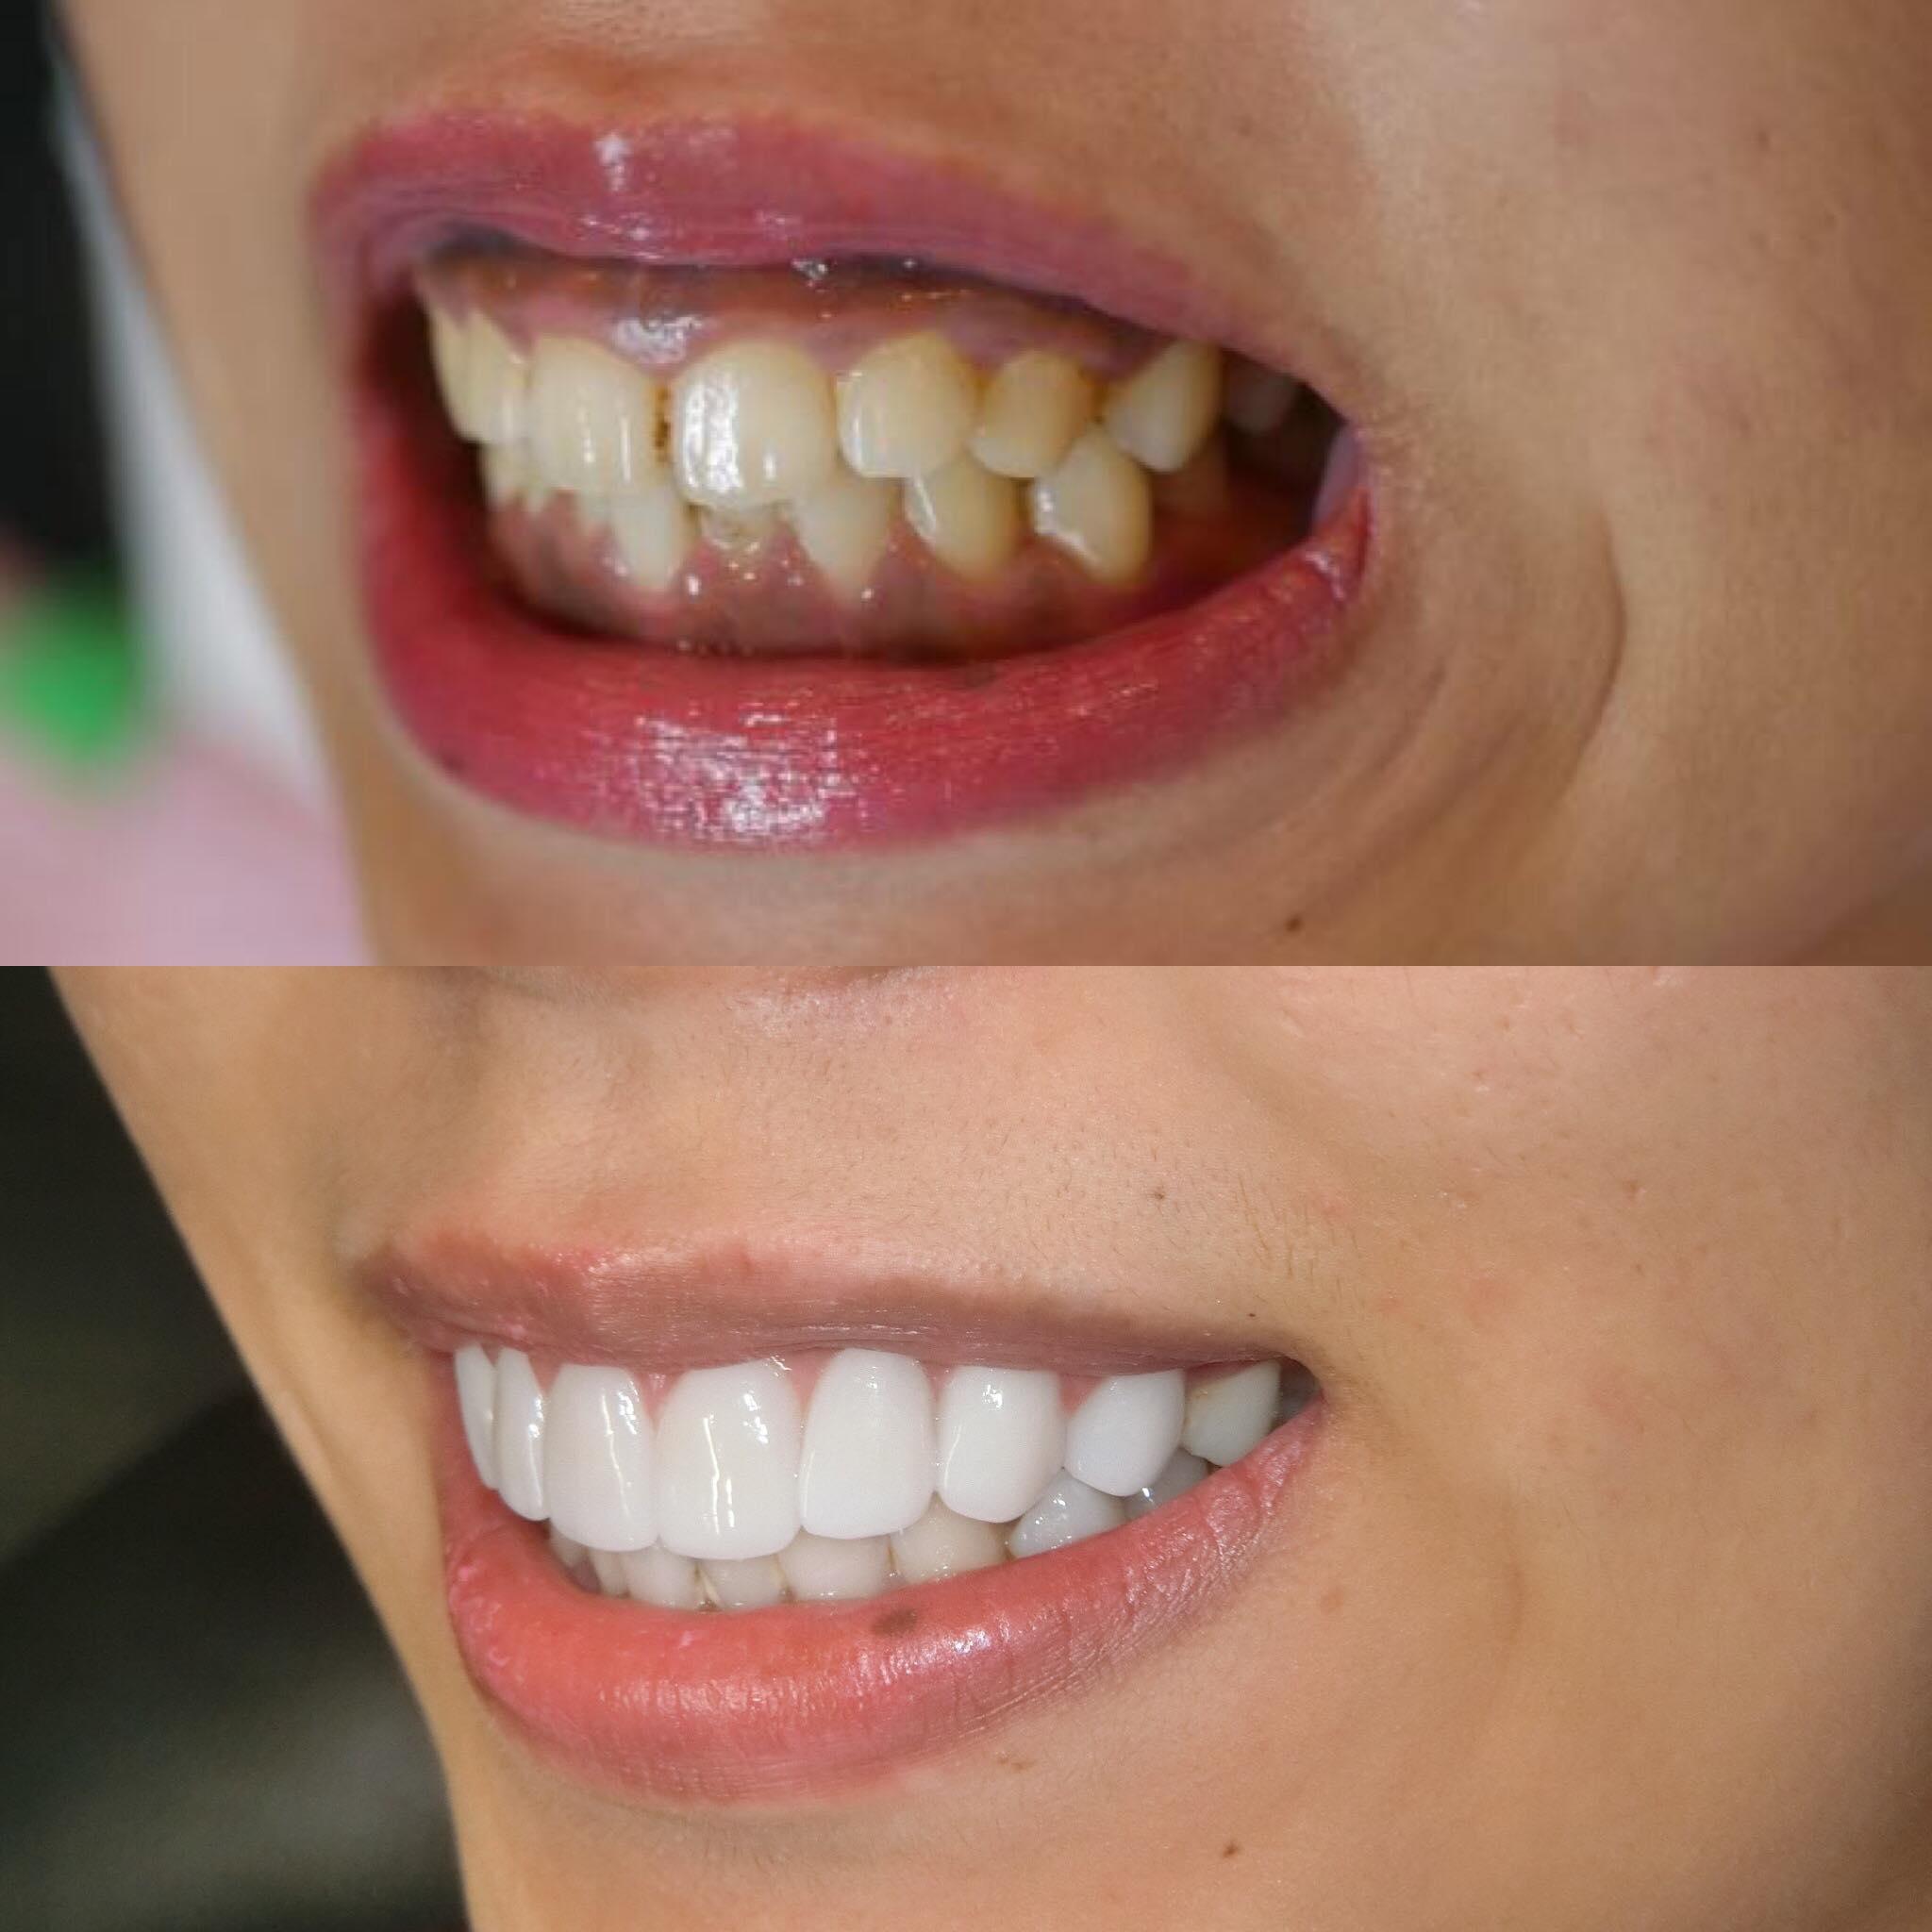 ご要望にお応えして!8本ジルコニアセラミック矯正!80万円。にこっと笑うとみえてしまう横顔まで綺麗に。好きな色と形を選べるのは8本の最大のメリット。歯並び、歯の色、歯の形、自由自在。